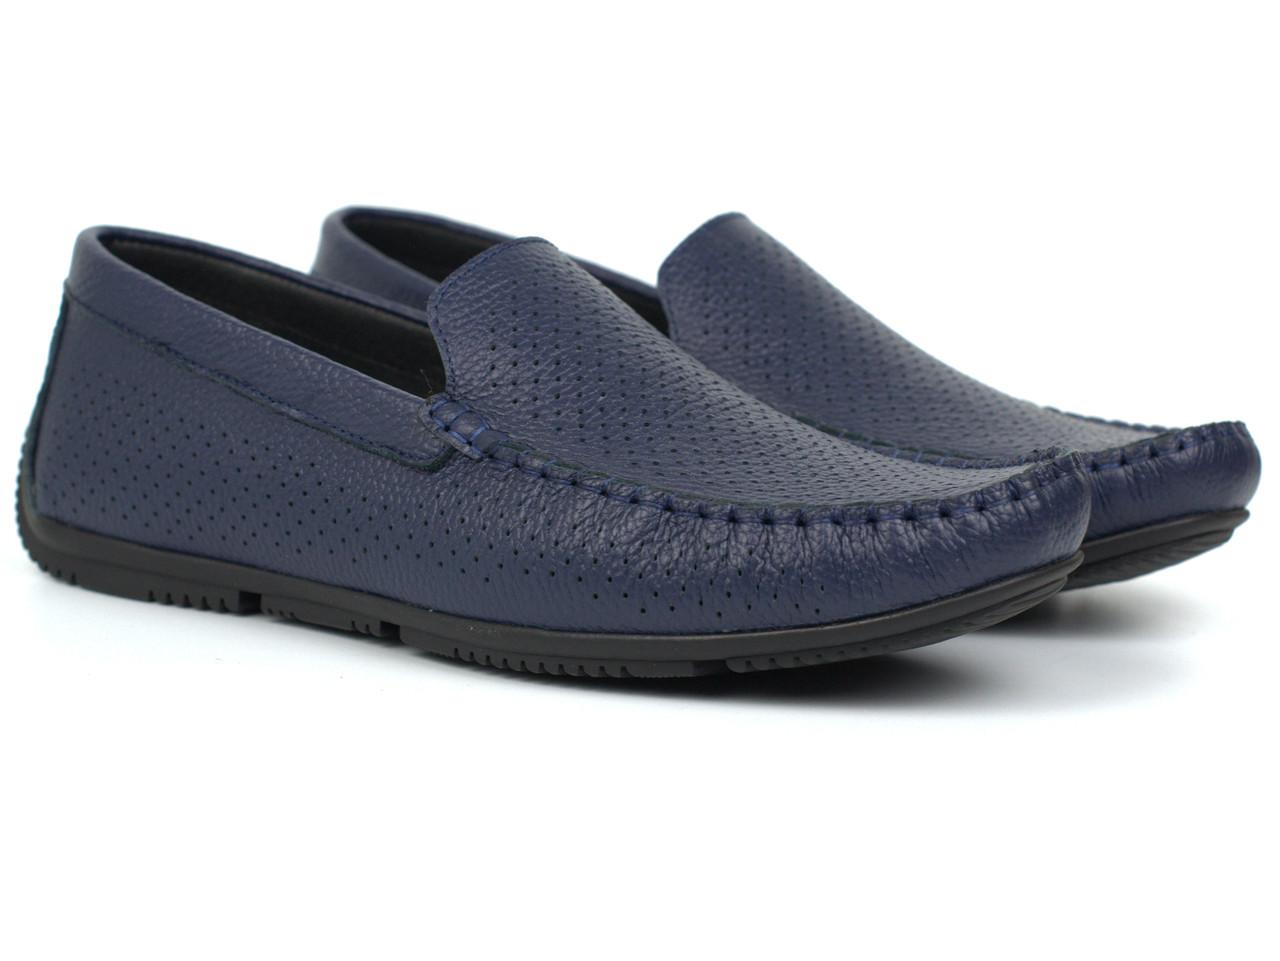 Мокасины мужские синие летняя мягкая кожаная обувь перфорированная Rosso Avangard Perf Blu Floto